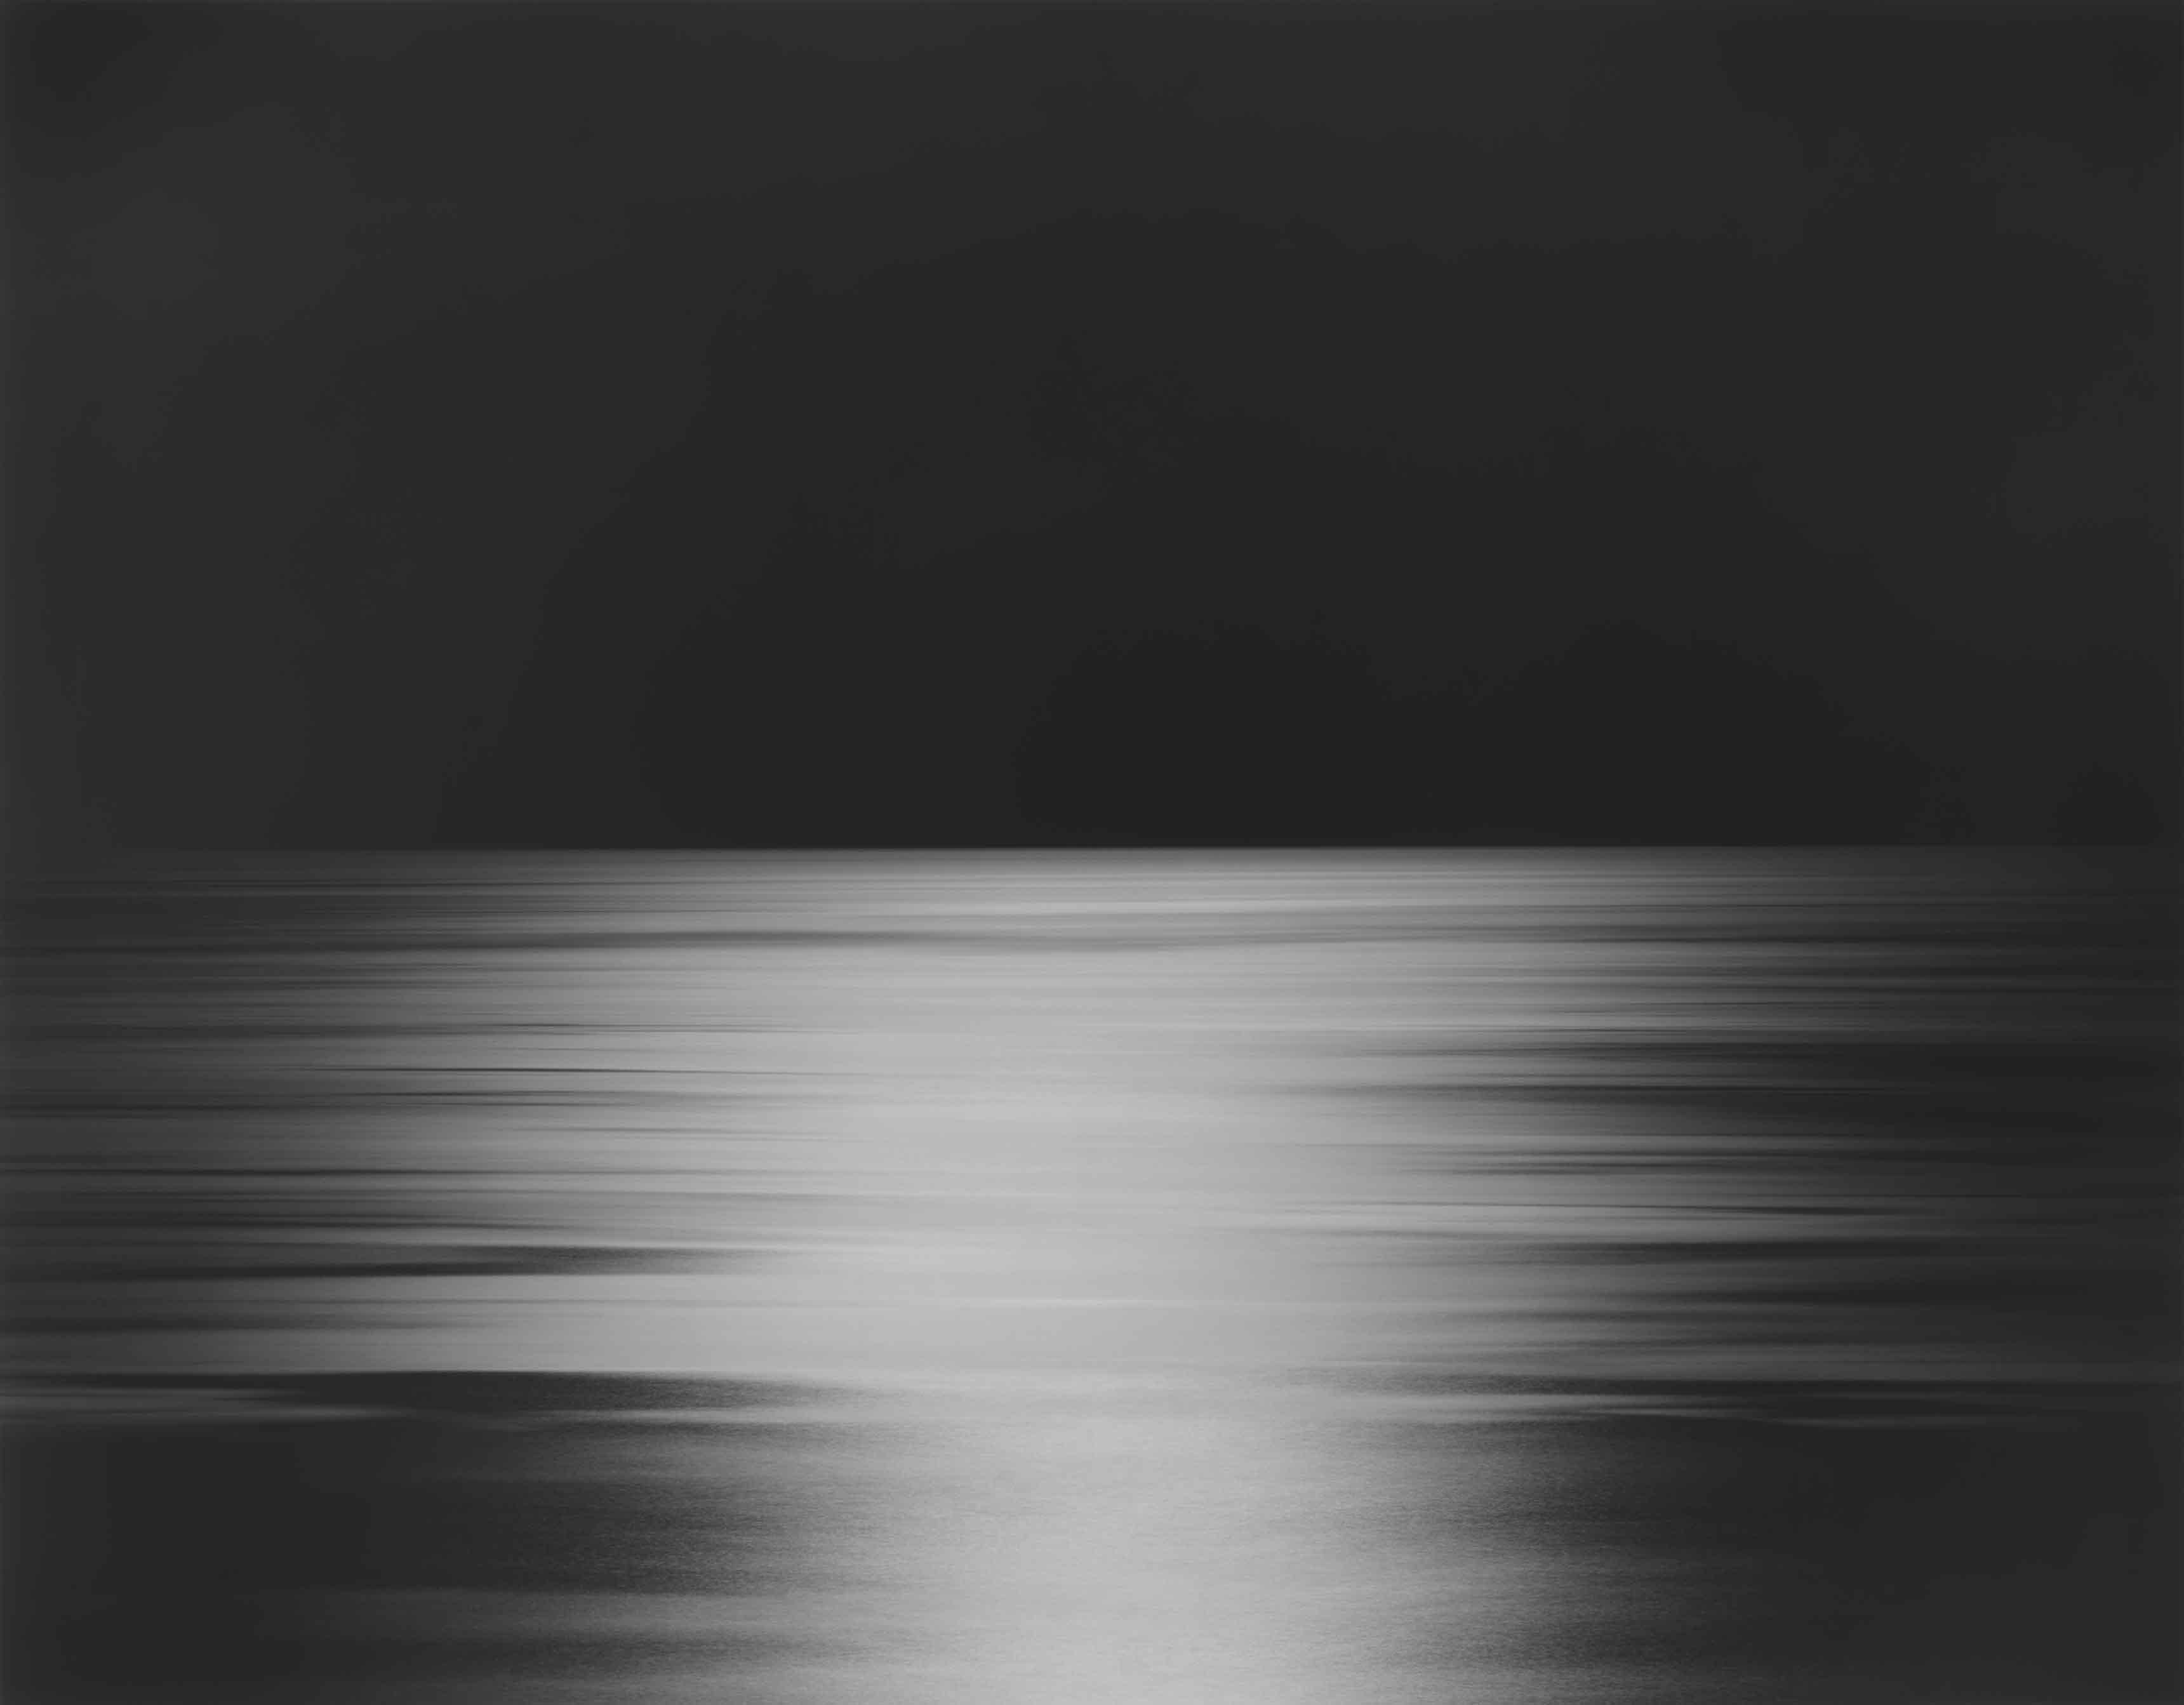 Hiroshi Sugimoto, N. Pacific Ocean, Ohkurosaki, 2013 Epreuve gélatino-argentique Neg. #582 Image : 47 x 58 3/4 in. (119.4 x 149.2 cm) Cadre : 60 11/16 x 71 3/4 in. (154.2 x 182.2 cm)